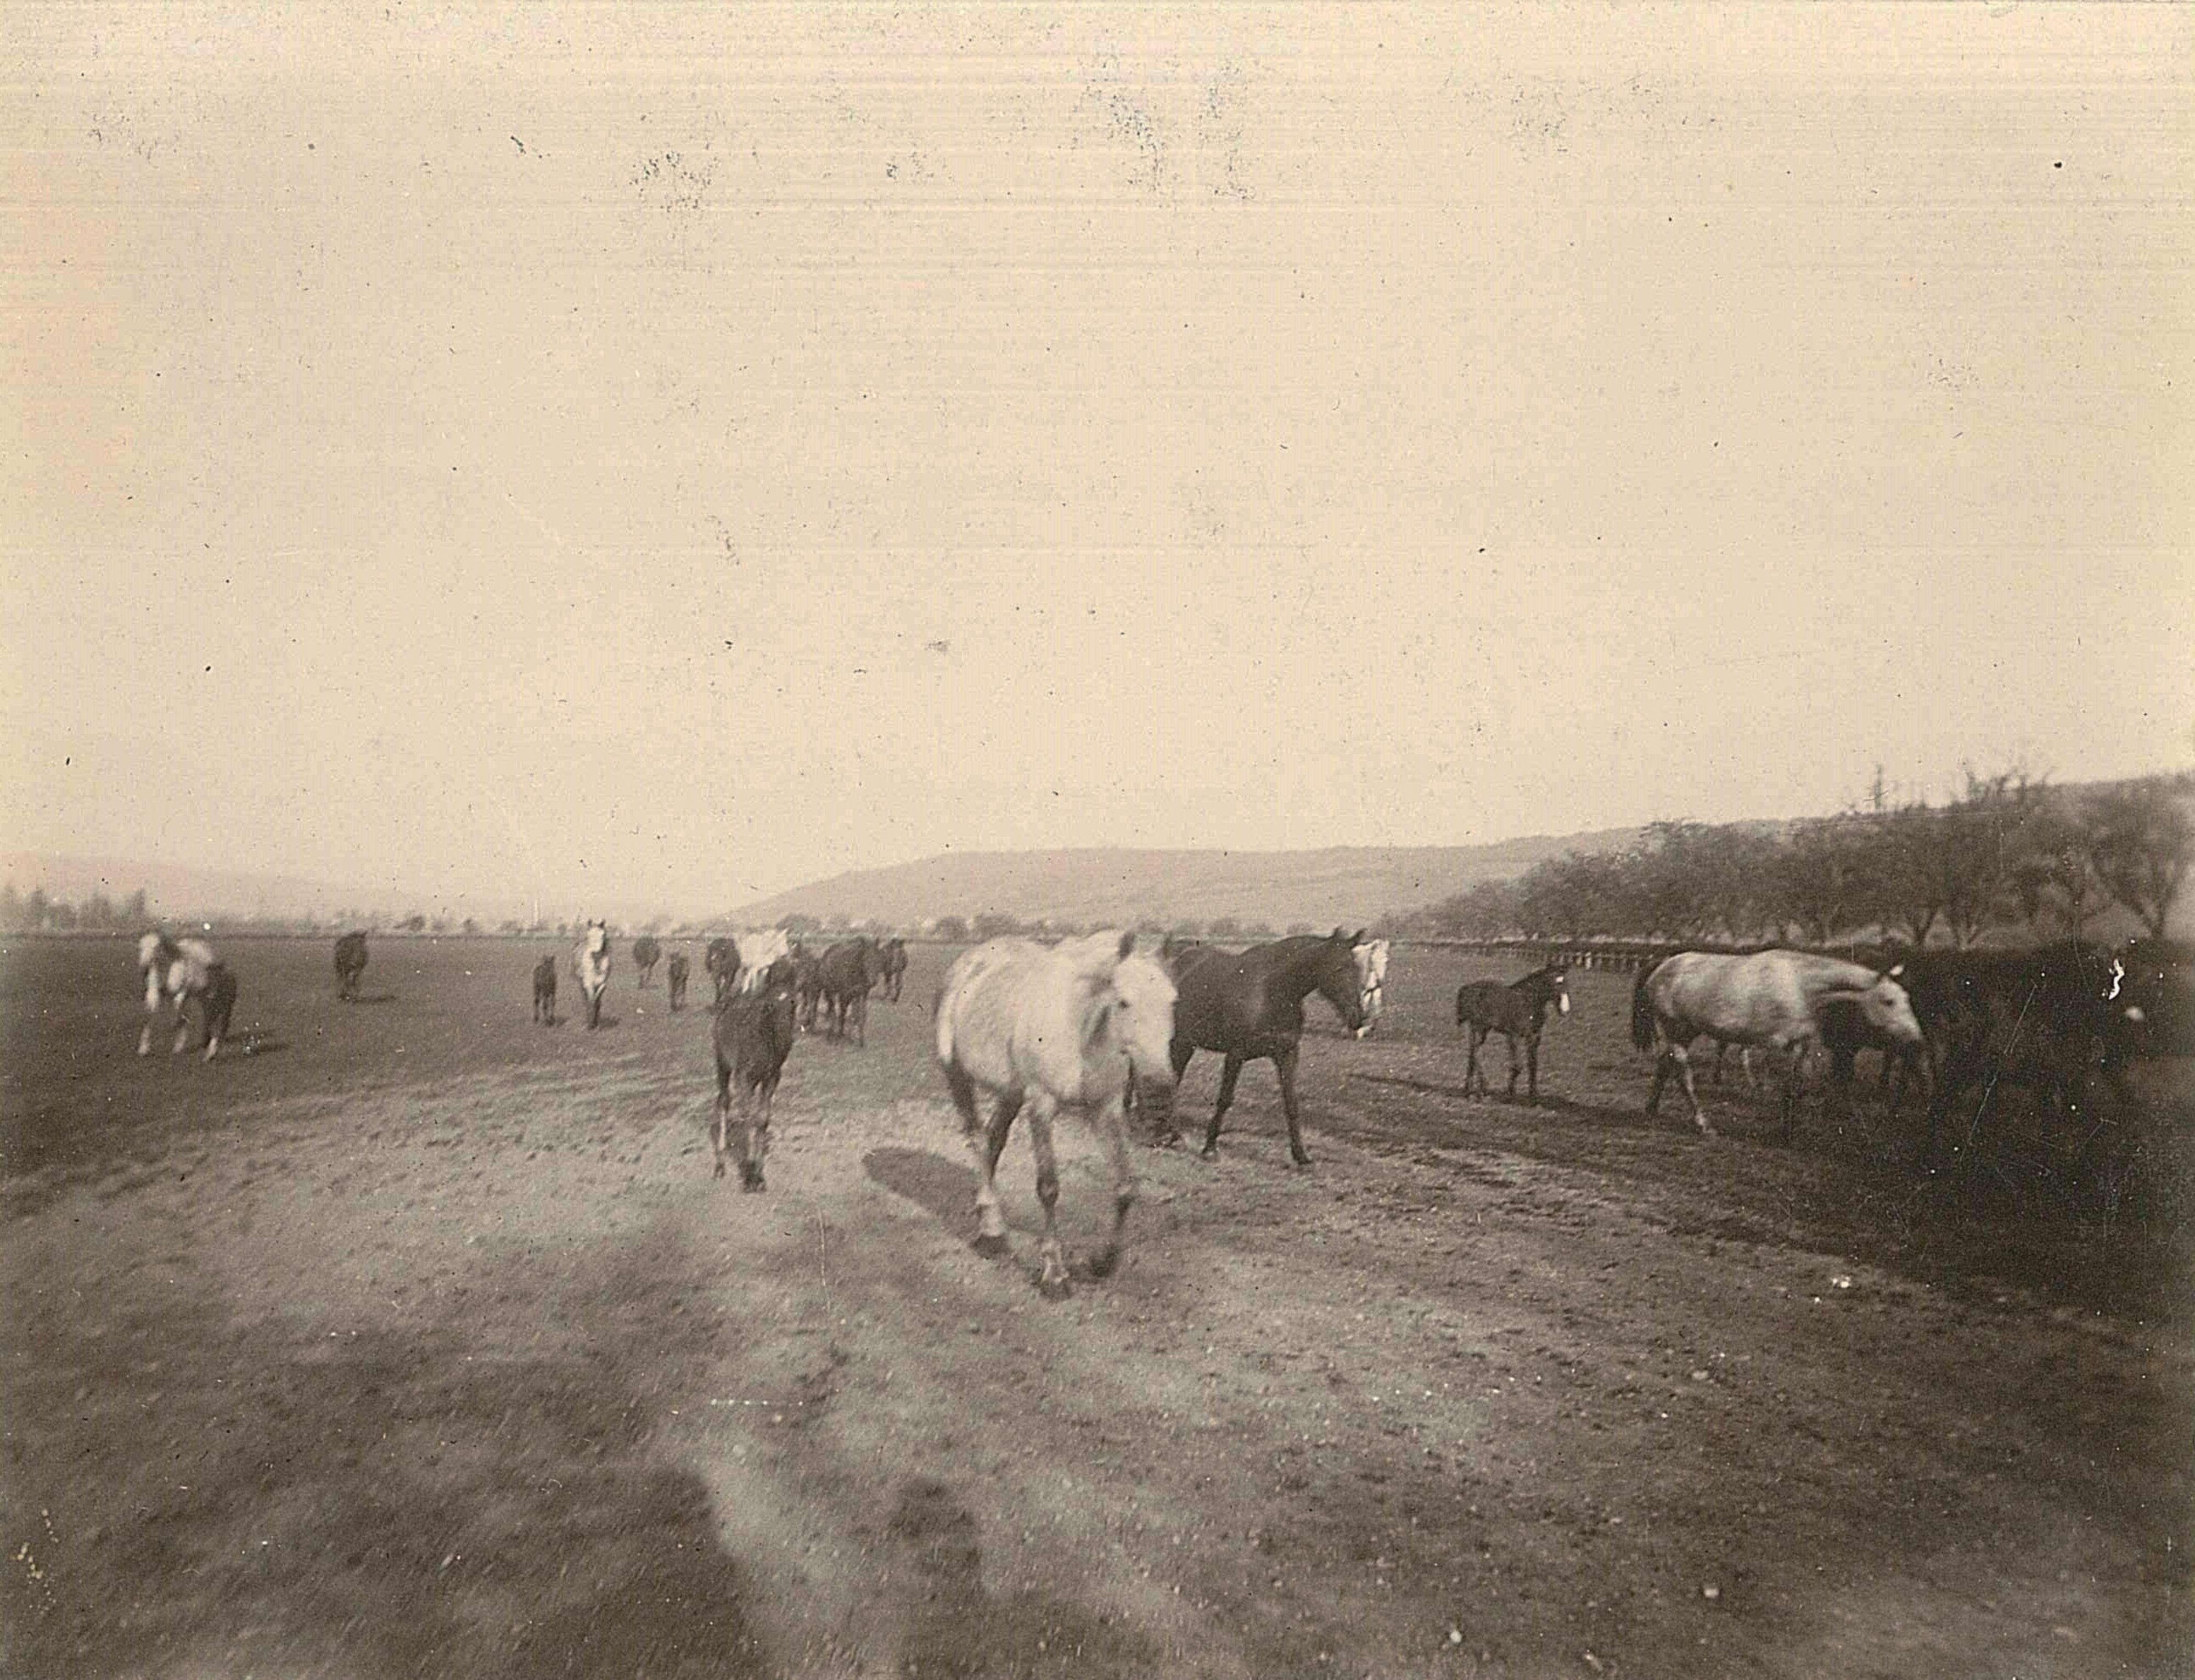 Araberpferd Stuten Fohlen Gestüt Weil Philipp Herzog von Württemberg